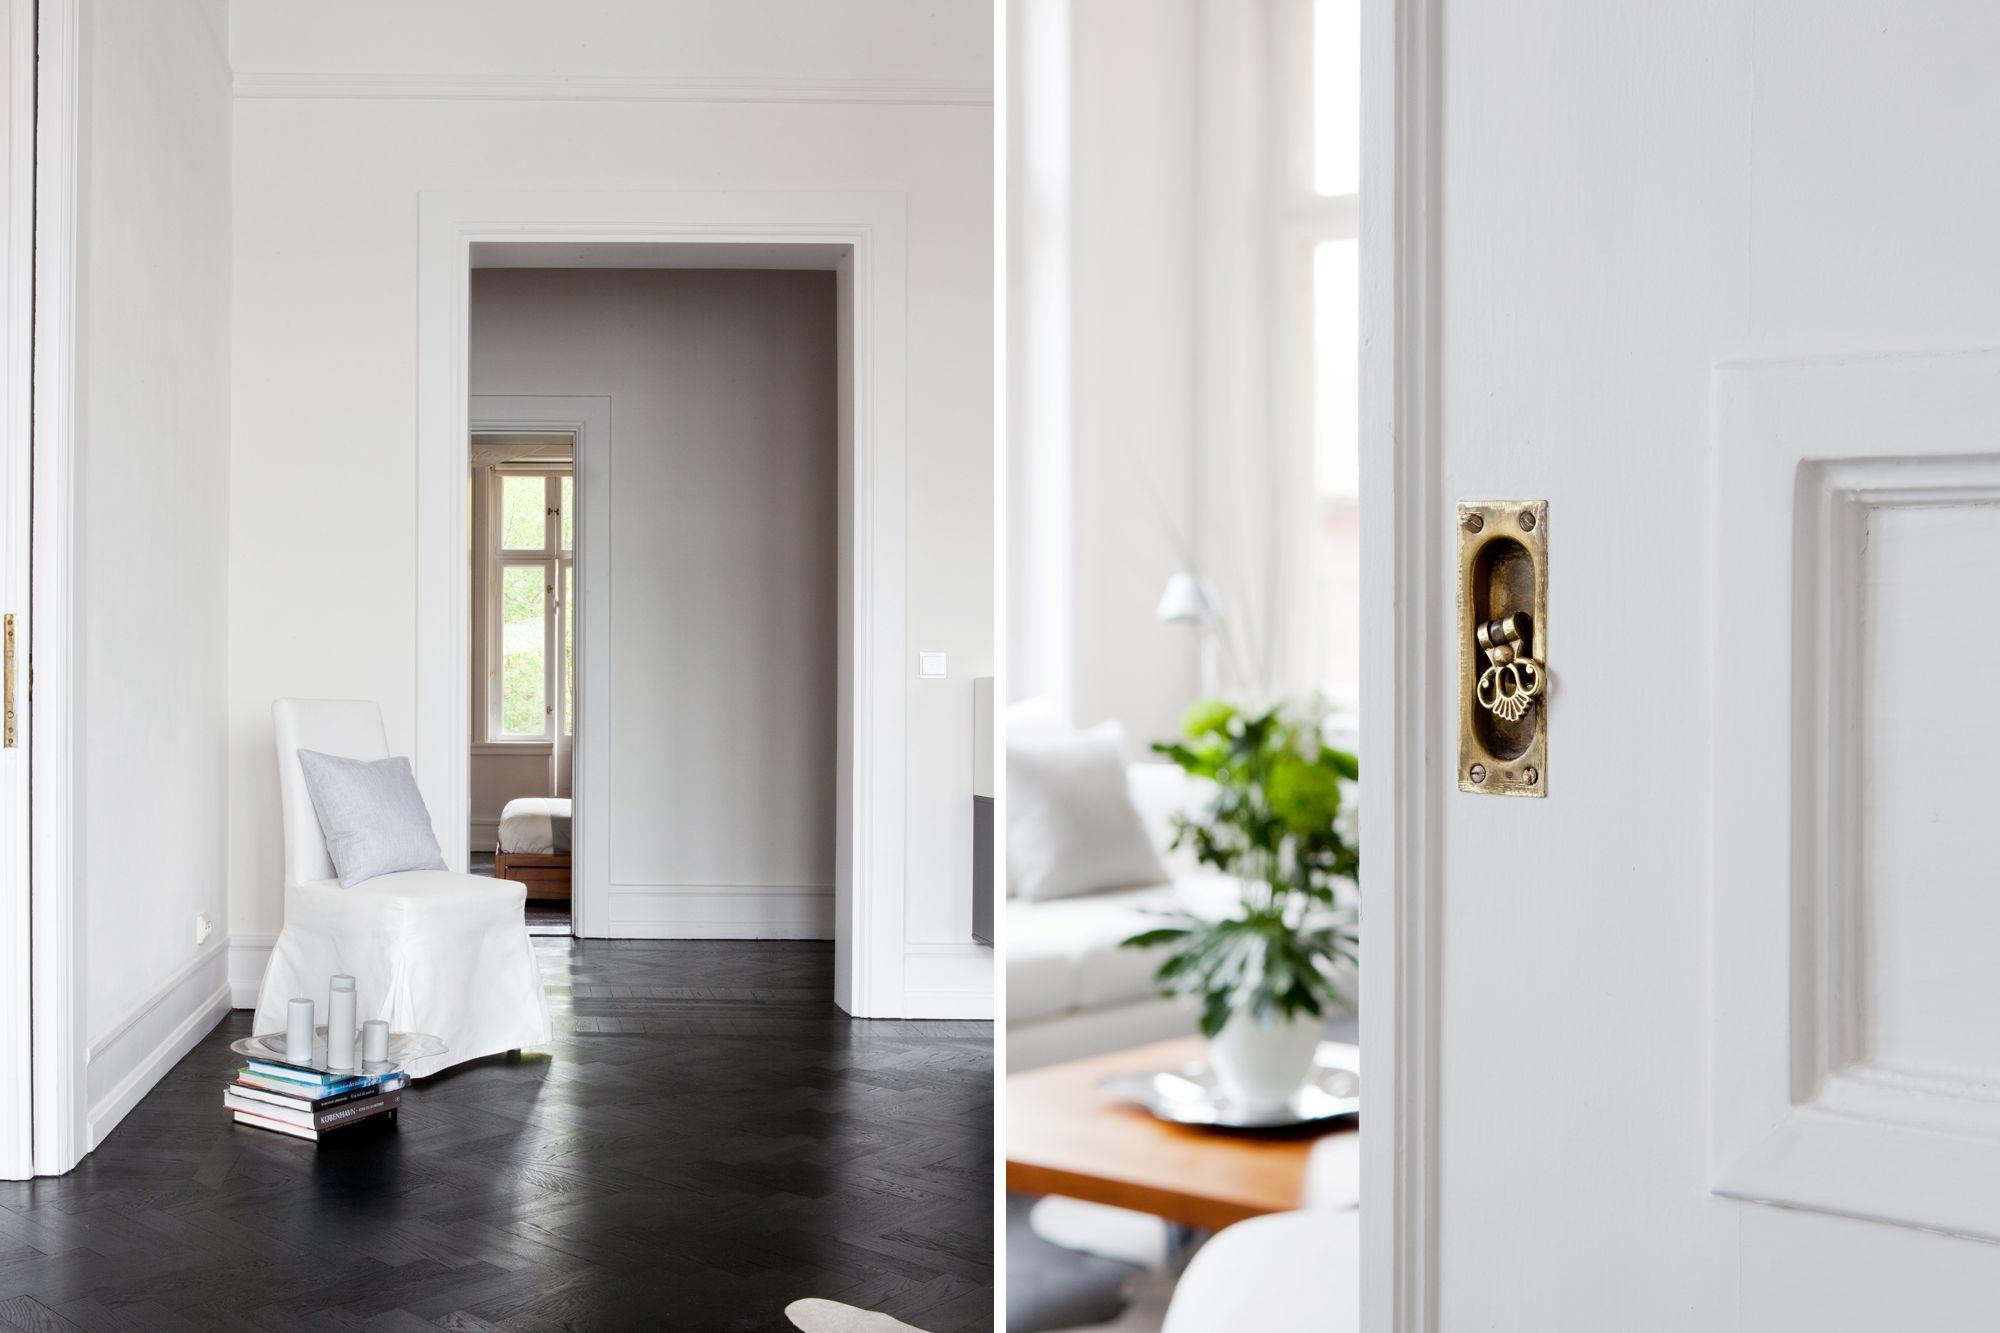 Baño Pequeno Suelo Oscuro:del danés Arne Jacobsen elegante suelo espigado de roble oscuro